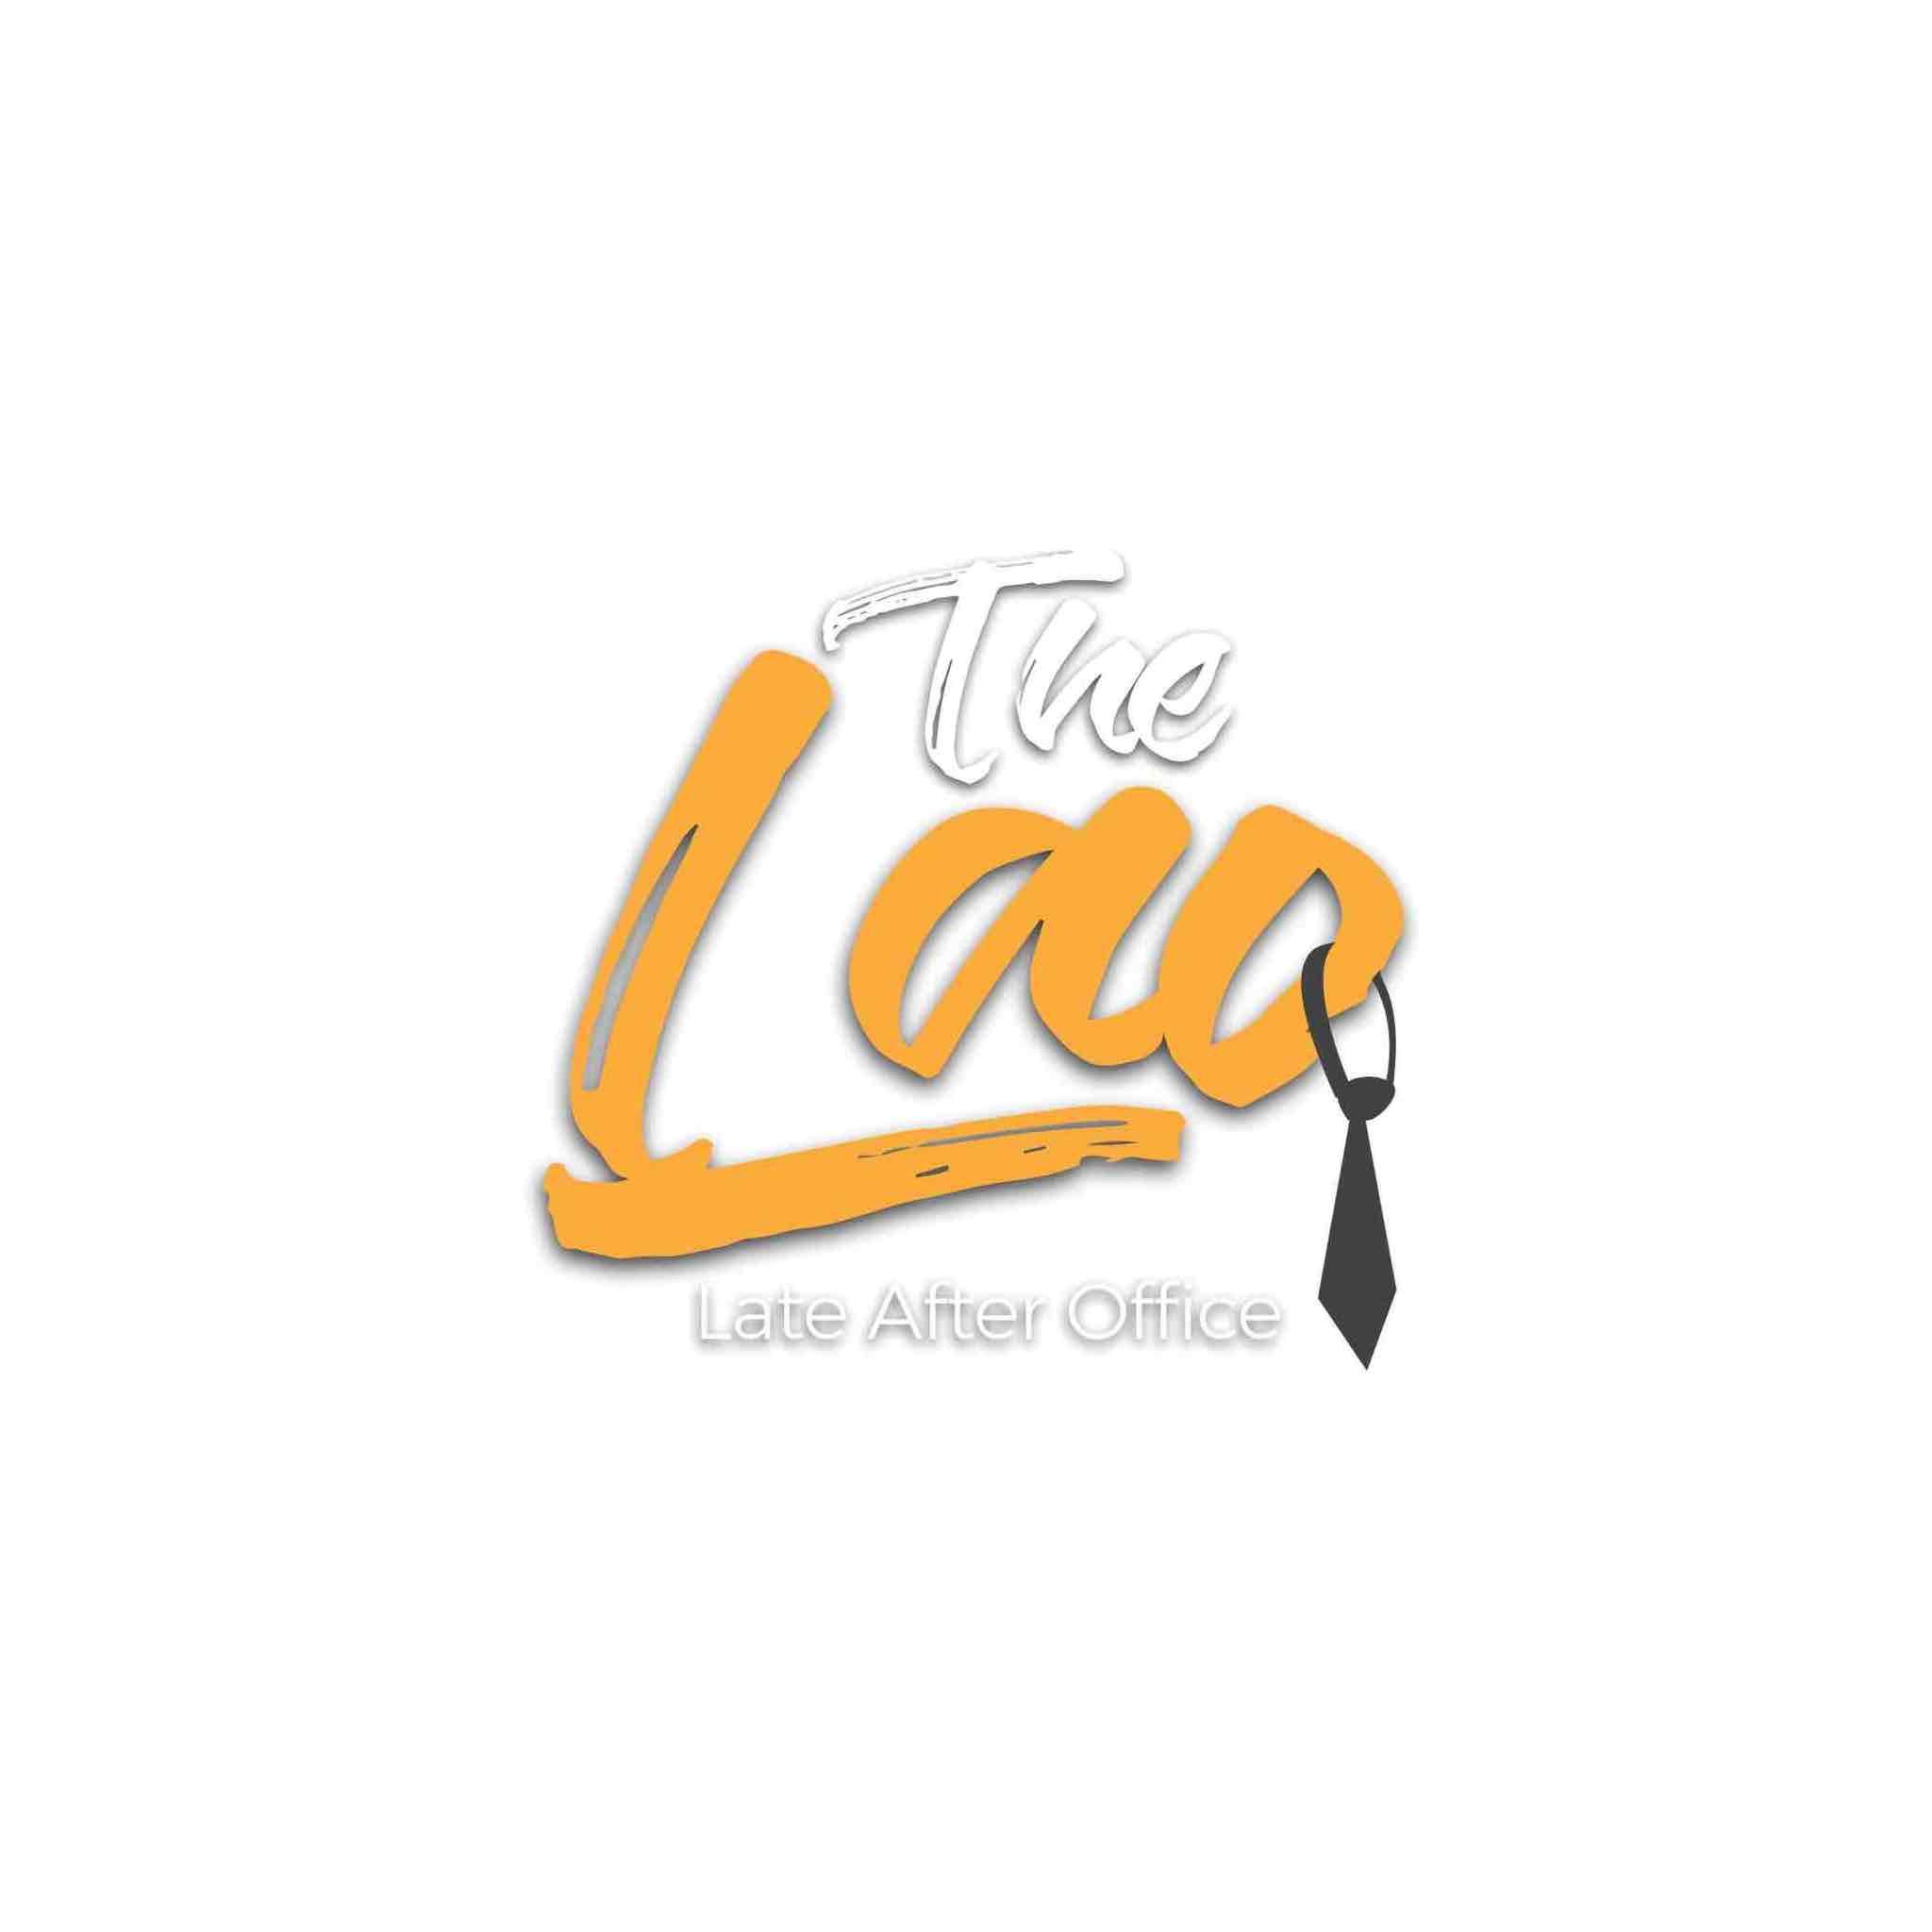 #The Lao